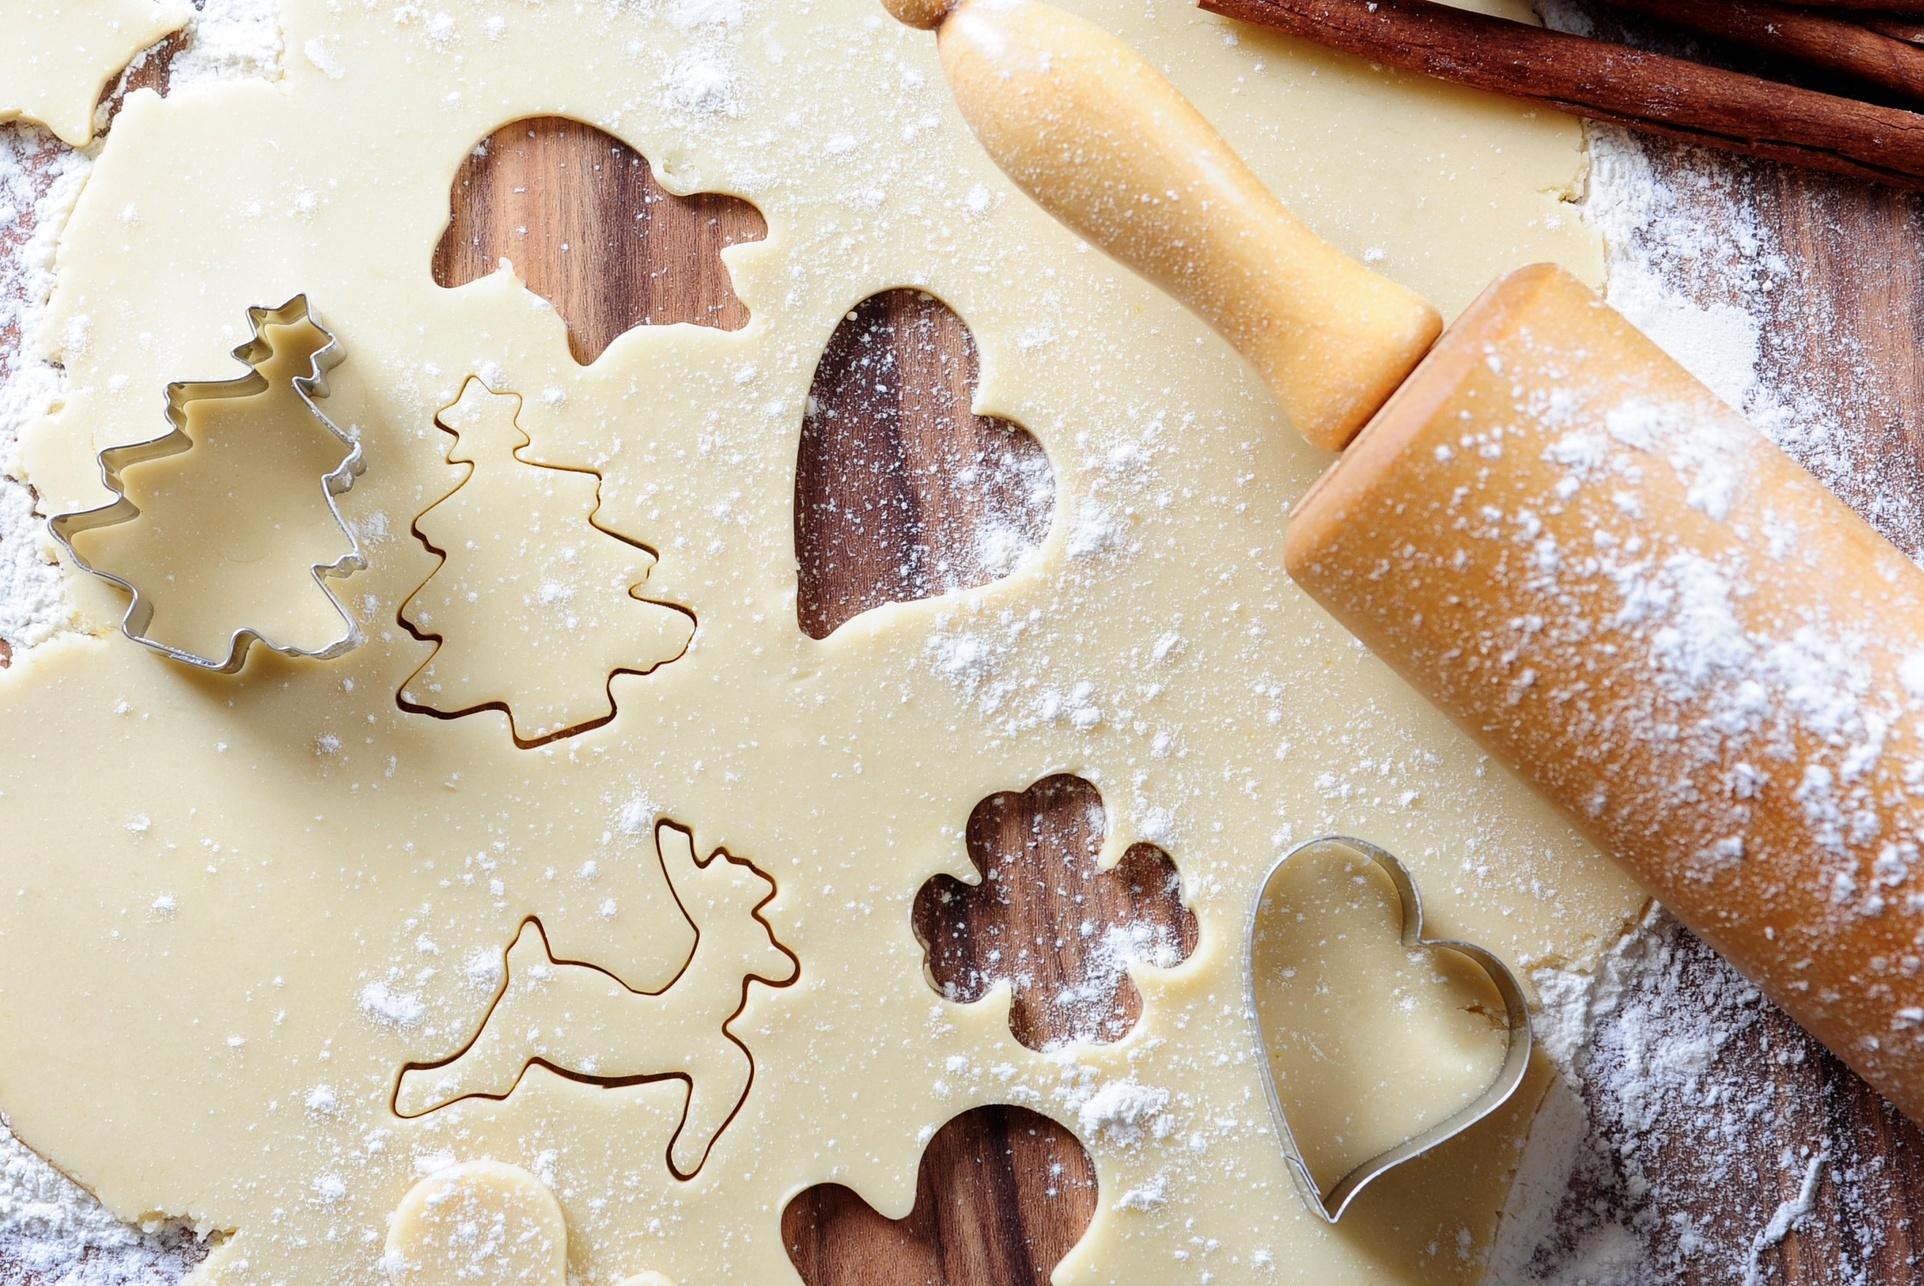 Раскатать тесто и вырезать пряники специальными формочками